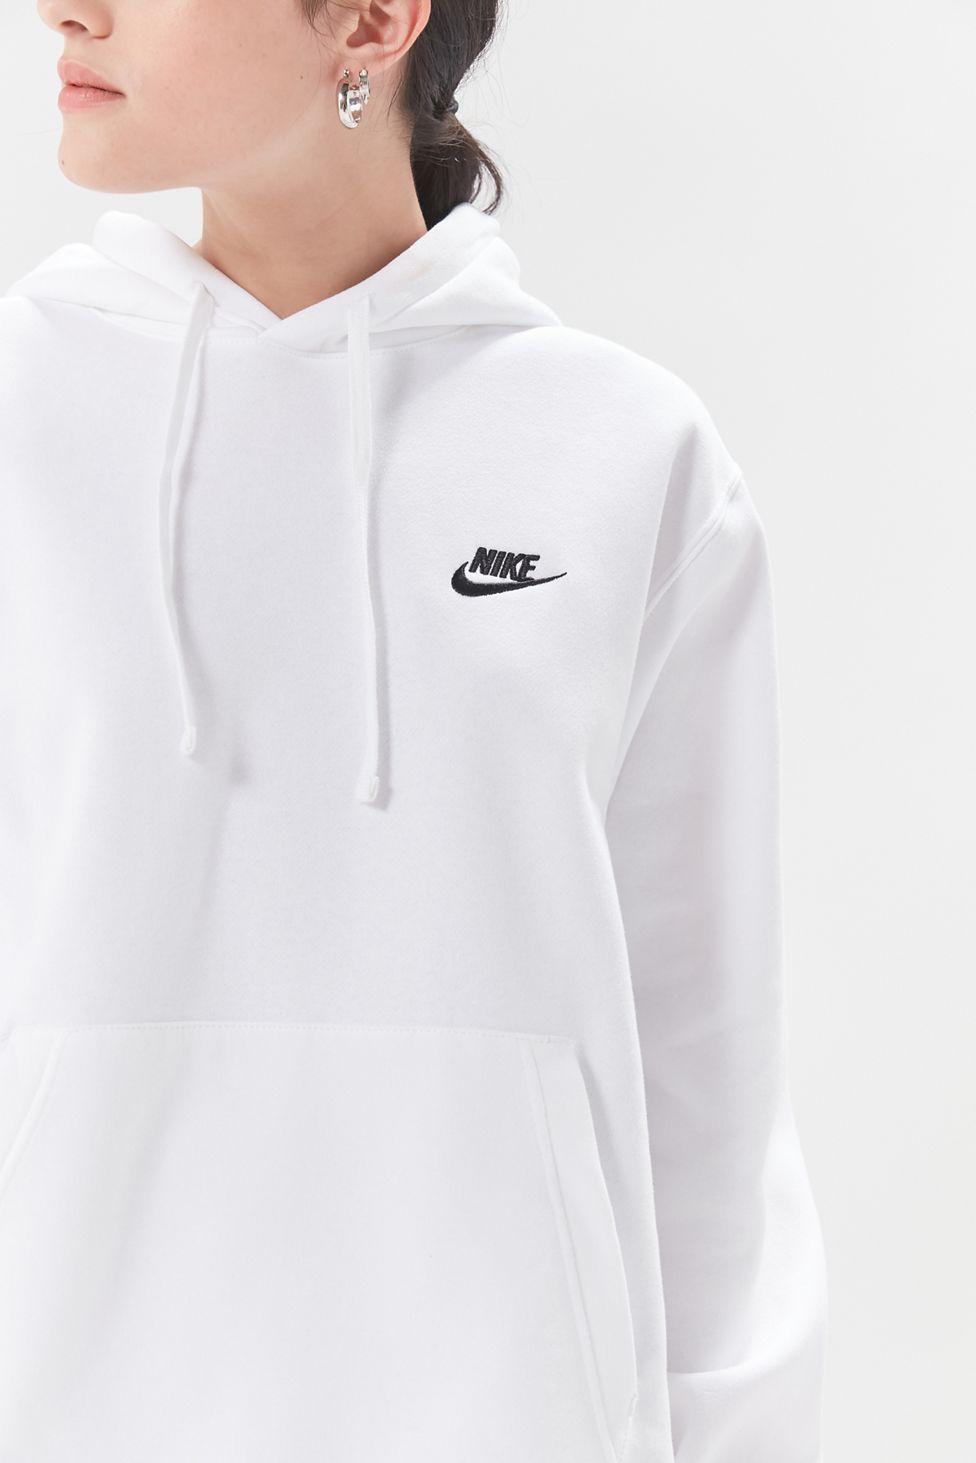 Nike Swoosh Hoodie Sweatshirt | Sweatshirts hoodie, White ...